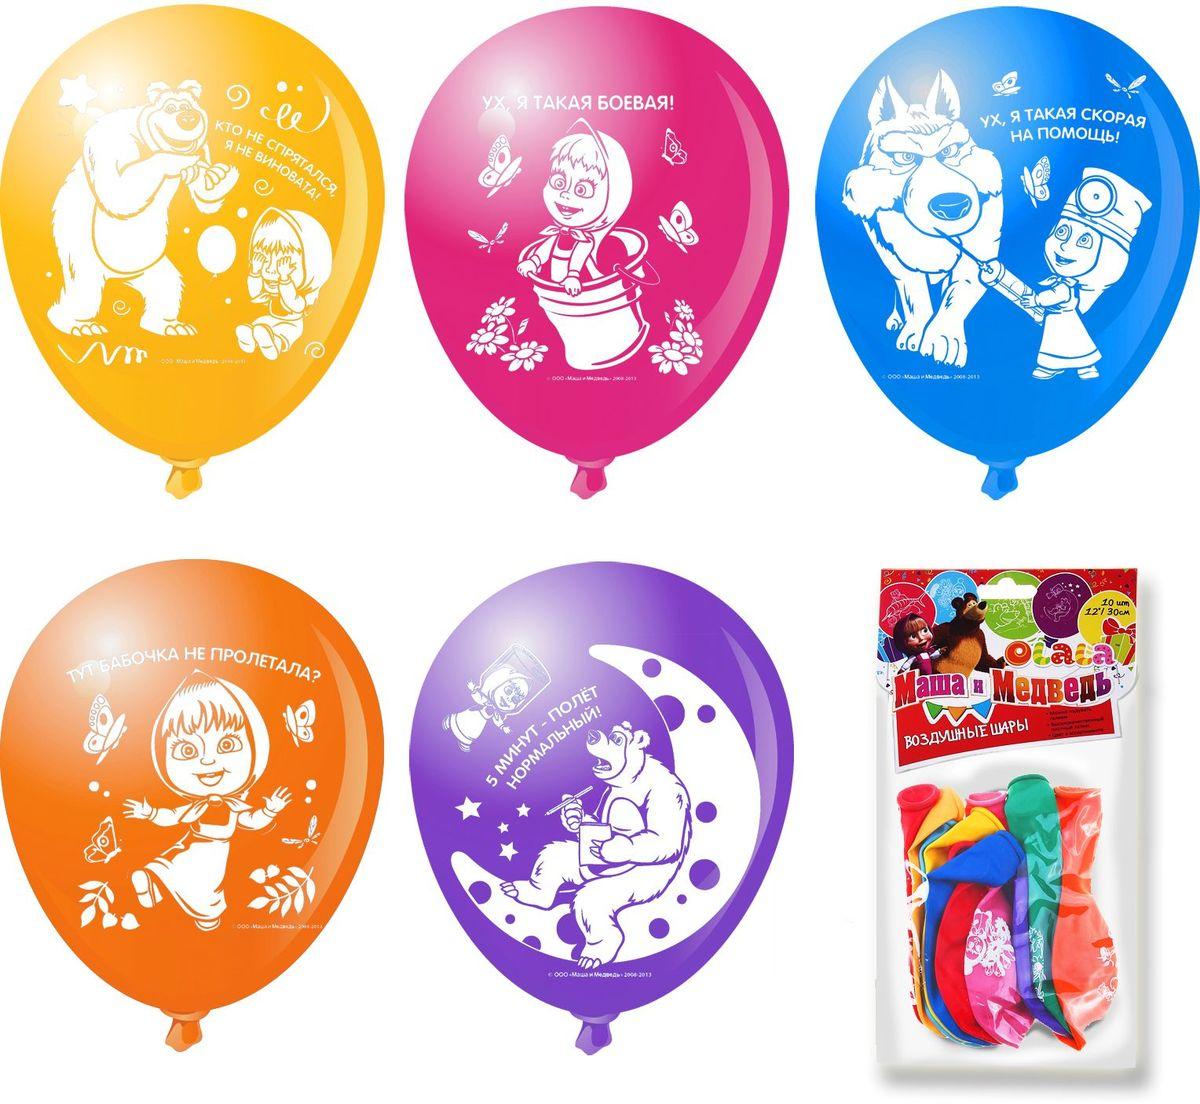 Маша и Медведь Набор воздушных шаров 10 шт22911Цветные воздушные шары Маша и Медведь украсят любой праздник, подняв настроение всем - и детям, и взрослым. А надувание шаров еще и чрезвычайно полезно: такое упражнение развивает дыхательную систему, что благотворно влияет на работу всего организма. В наборе 10 цветных латексных шаров диаметром 30 см c односторонней печатью.